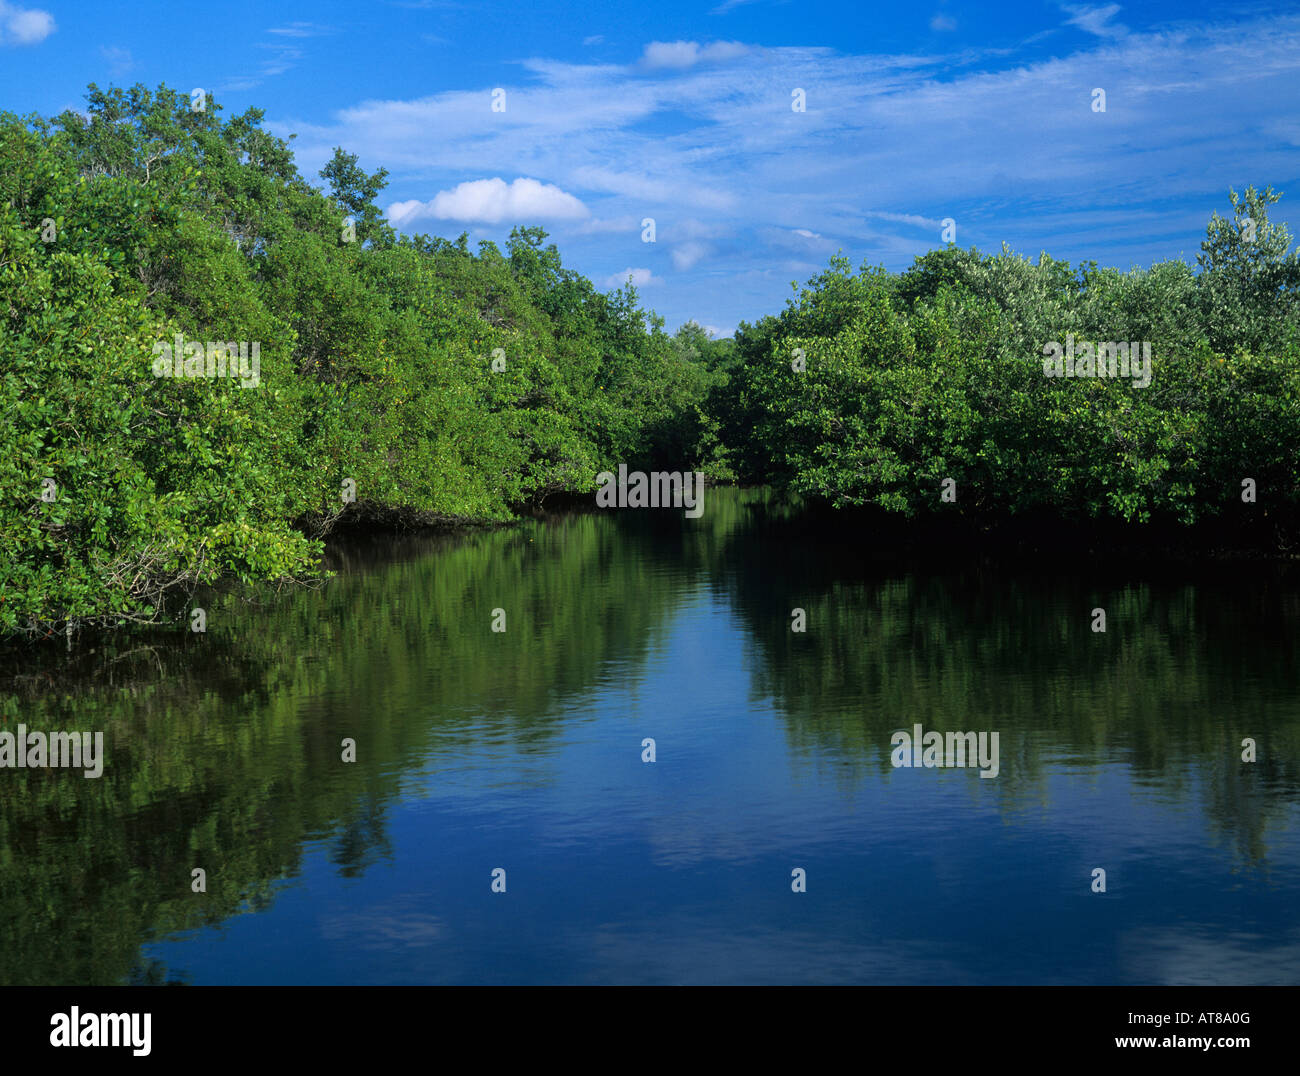 Mangrove forest at high tide J N Ding Darling National Wildlife Refuge Sanibel Island Florida December 1998 - Stock Image